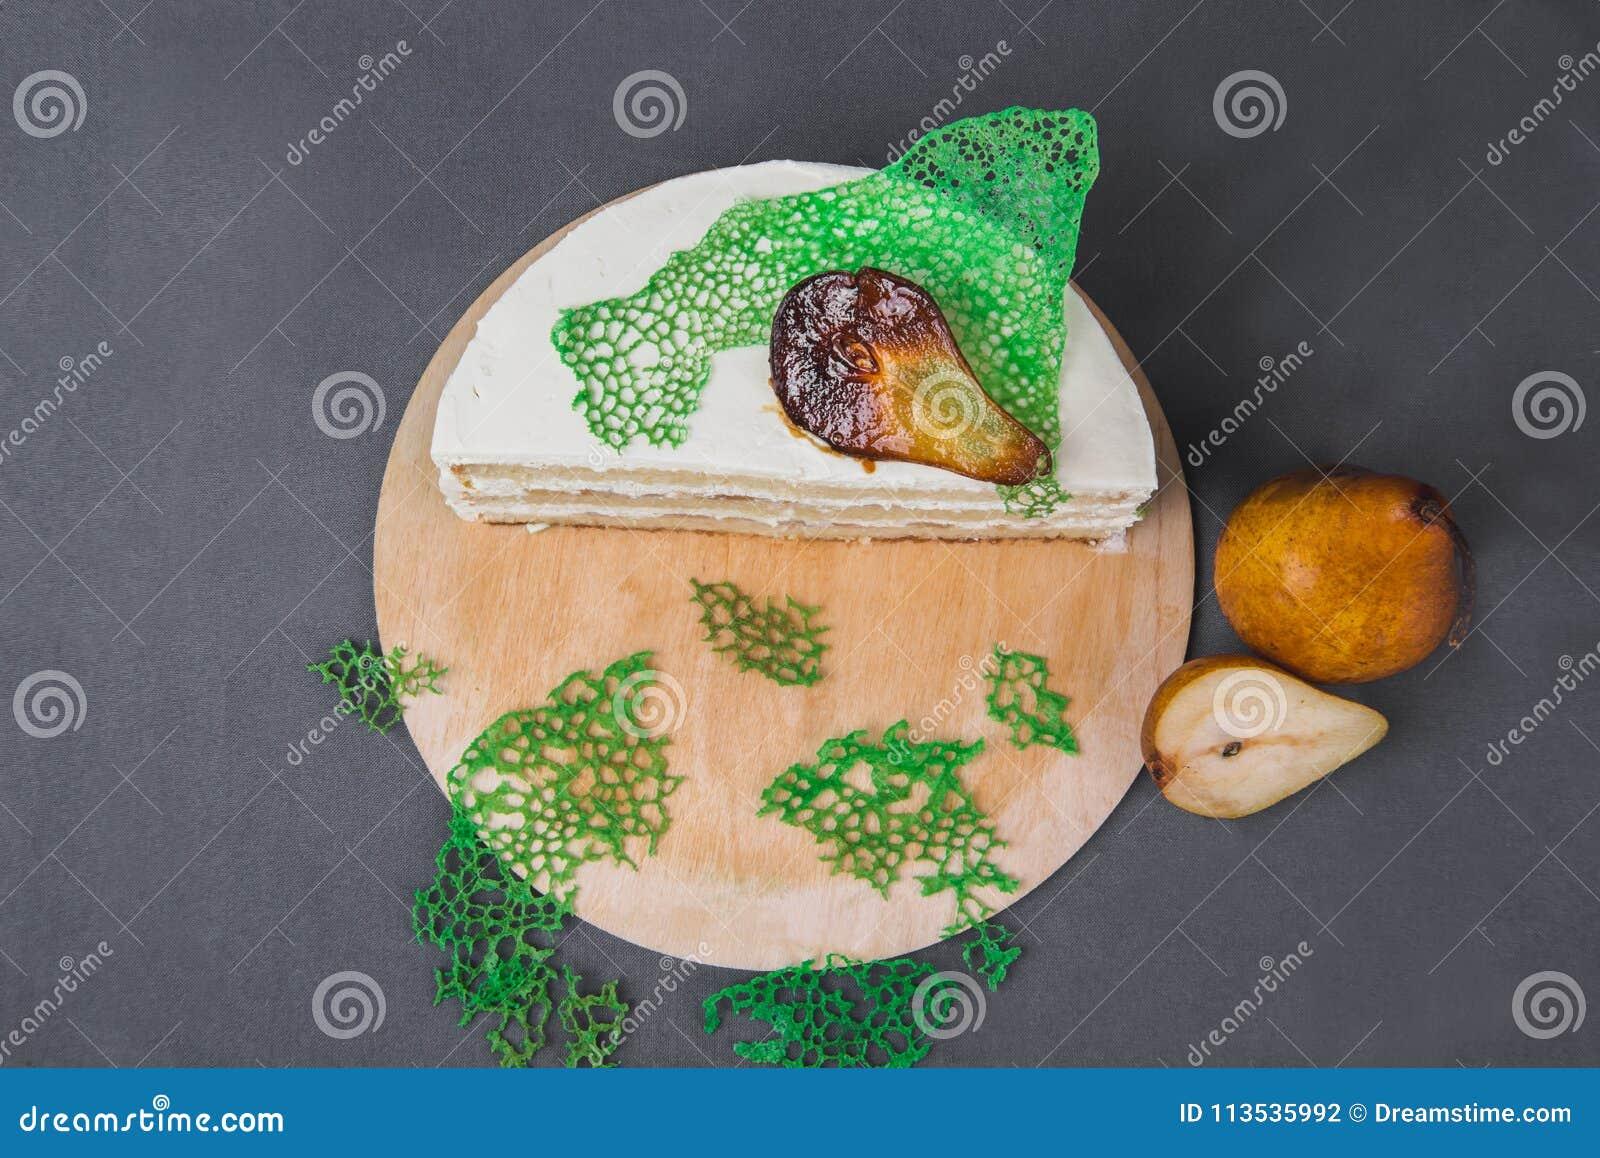 Ein köstlicher Kuchen verziert mit karamellisierten Birnen auf einem grauen Hintergrund